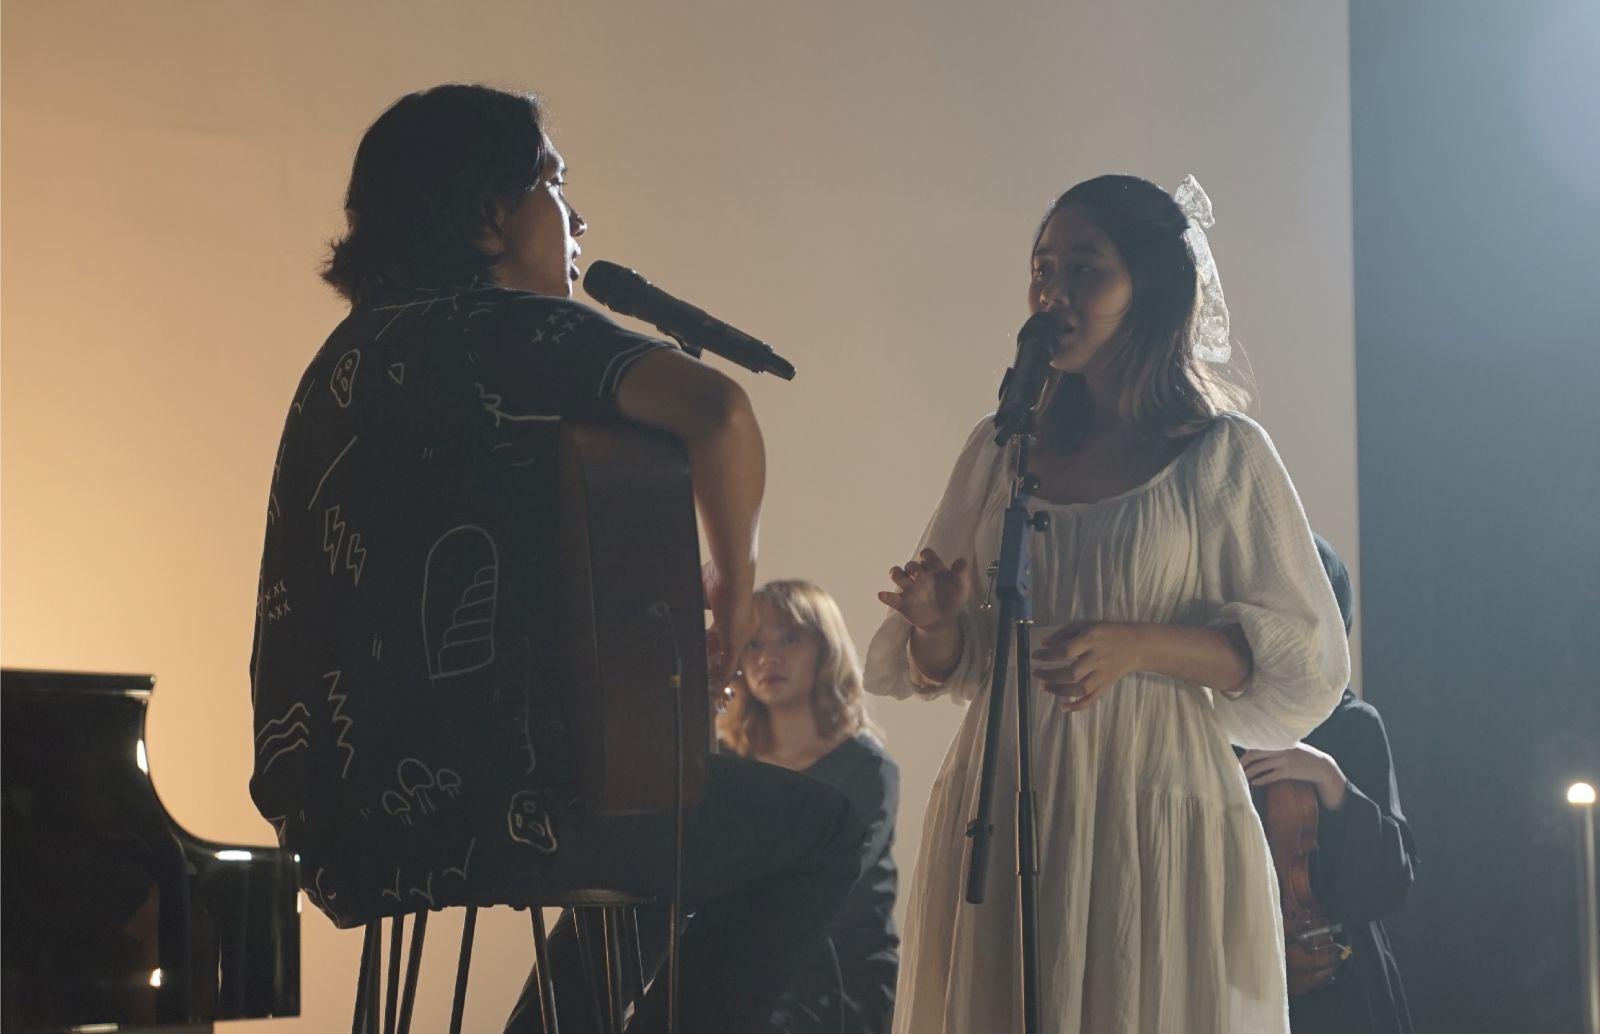 Ananda Badudu dan Nadin Amizah saat tampil di konser Wave of Cinema. Foto: Visinema Musik